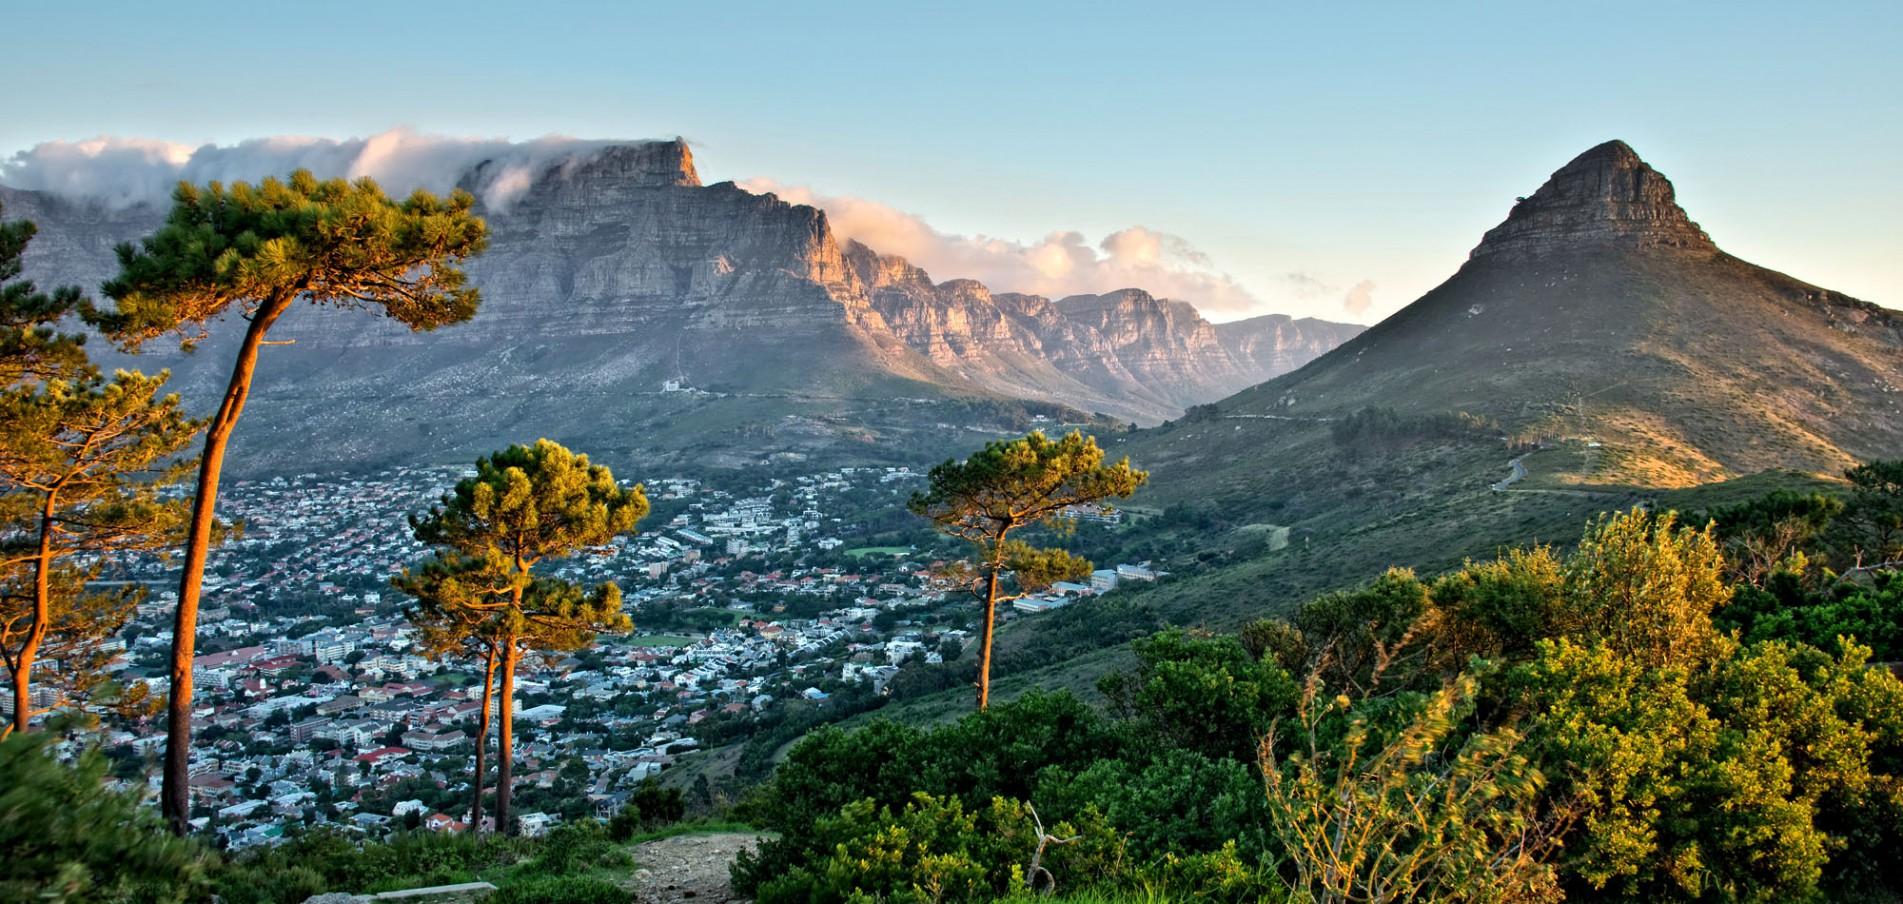 Willkommen in Südafrika ... das schönste Ende der Welt!